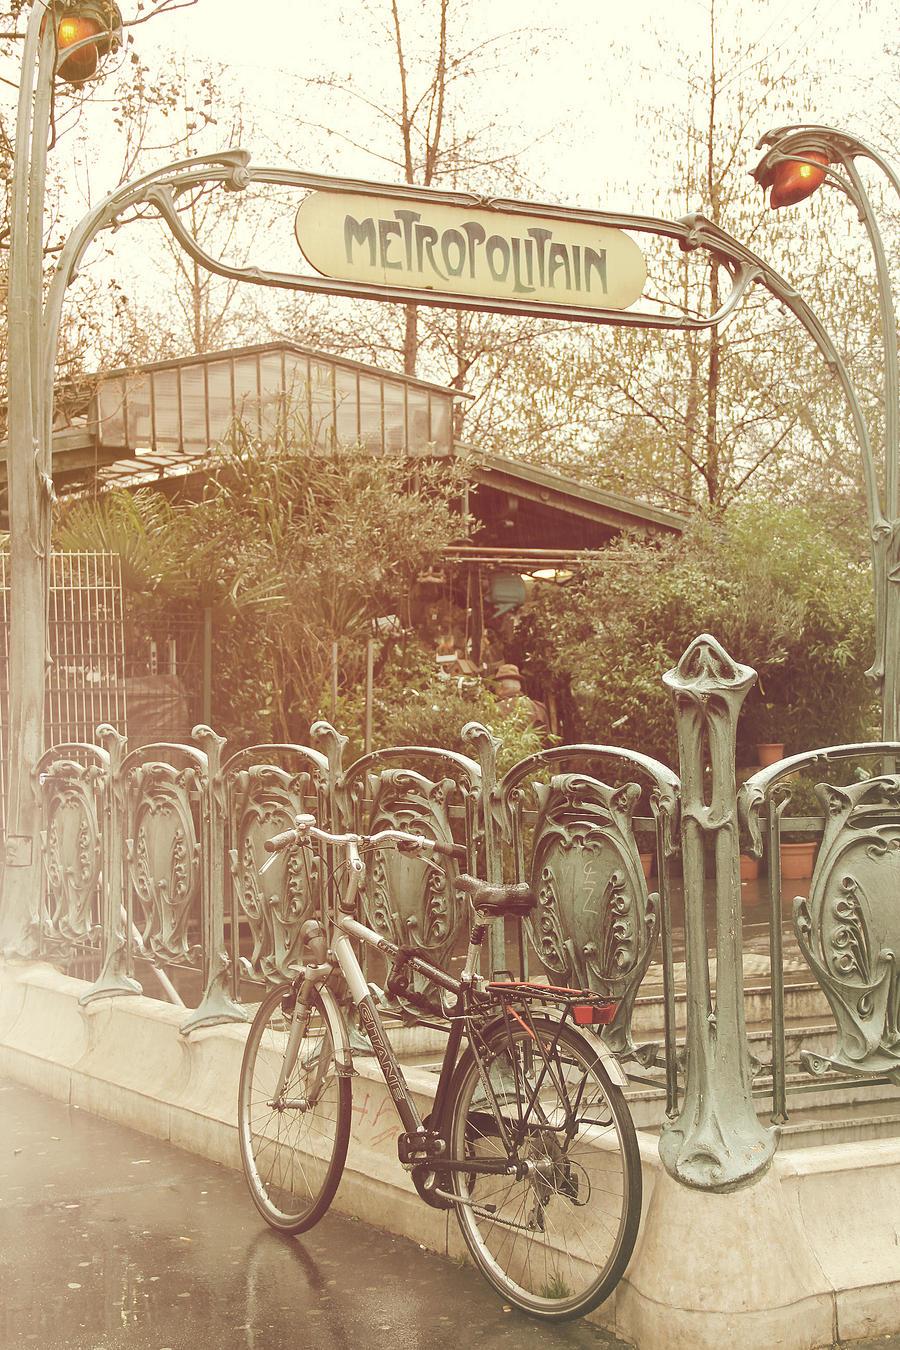 Vintage Paris by blogiukia on DeviantArt - photo #8